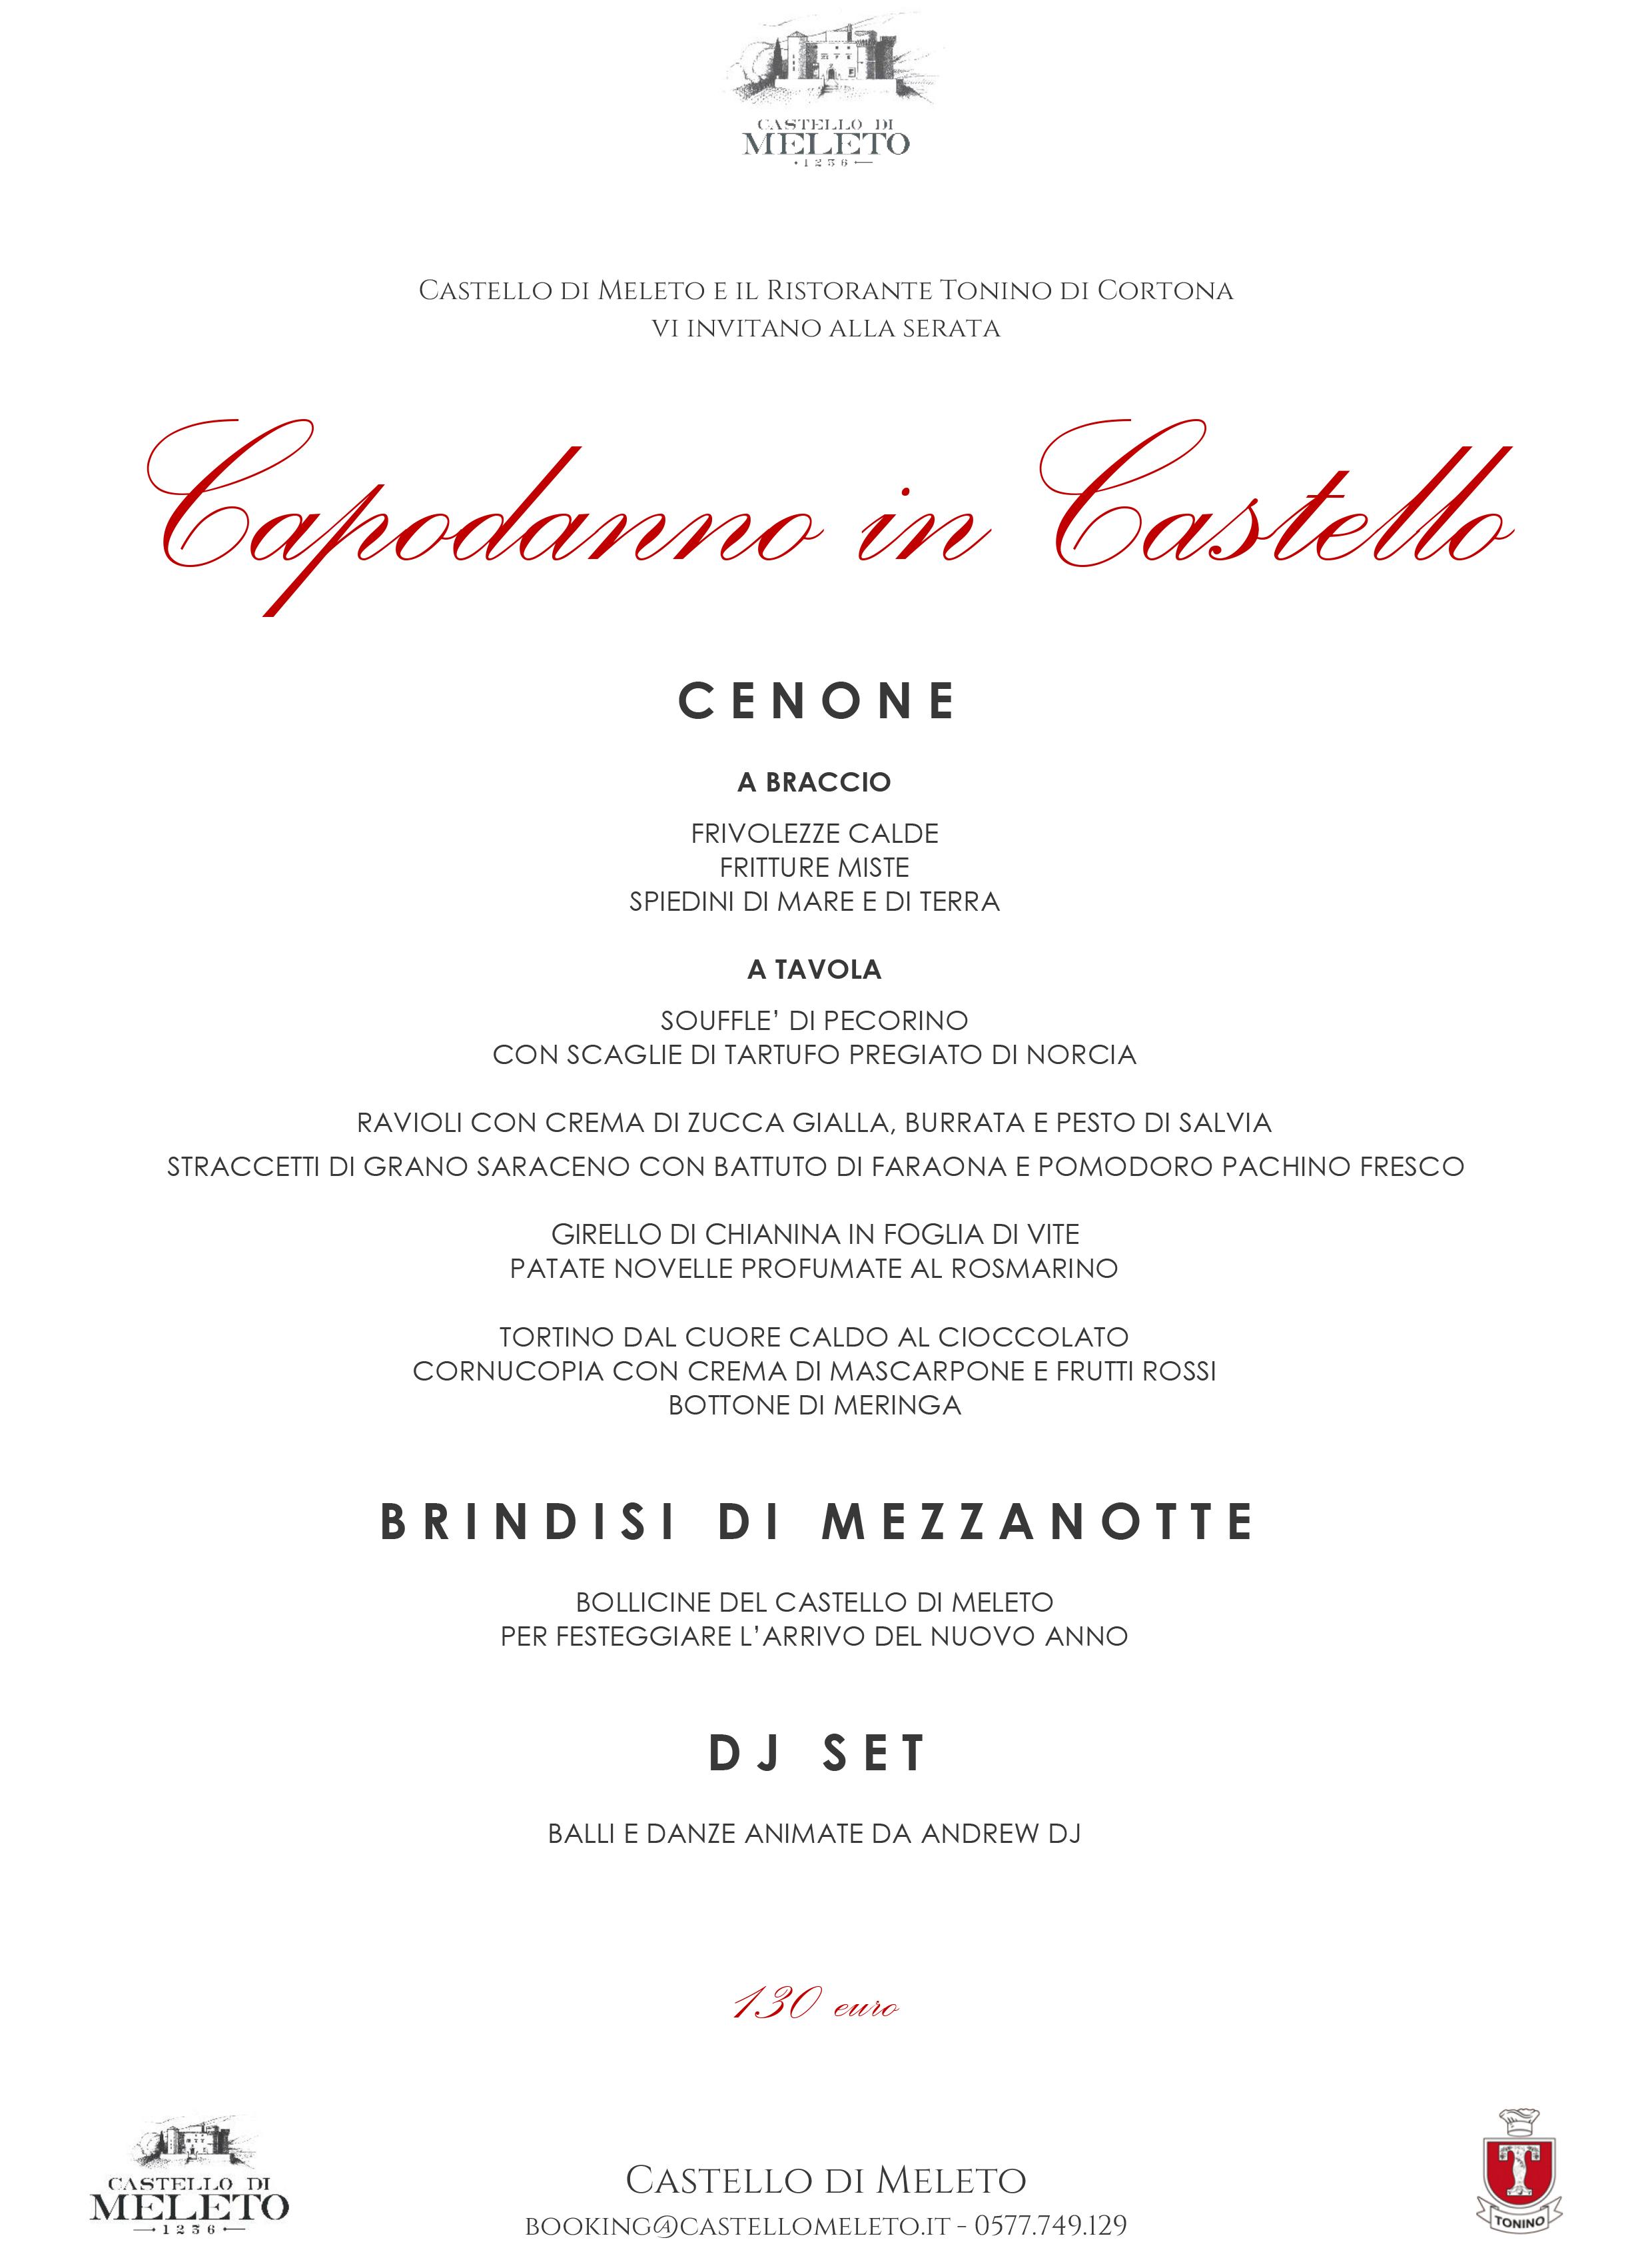 capodanno-menu_castello-di-meleto_2